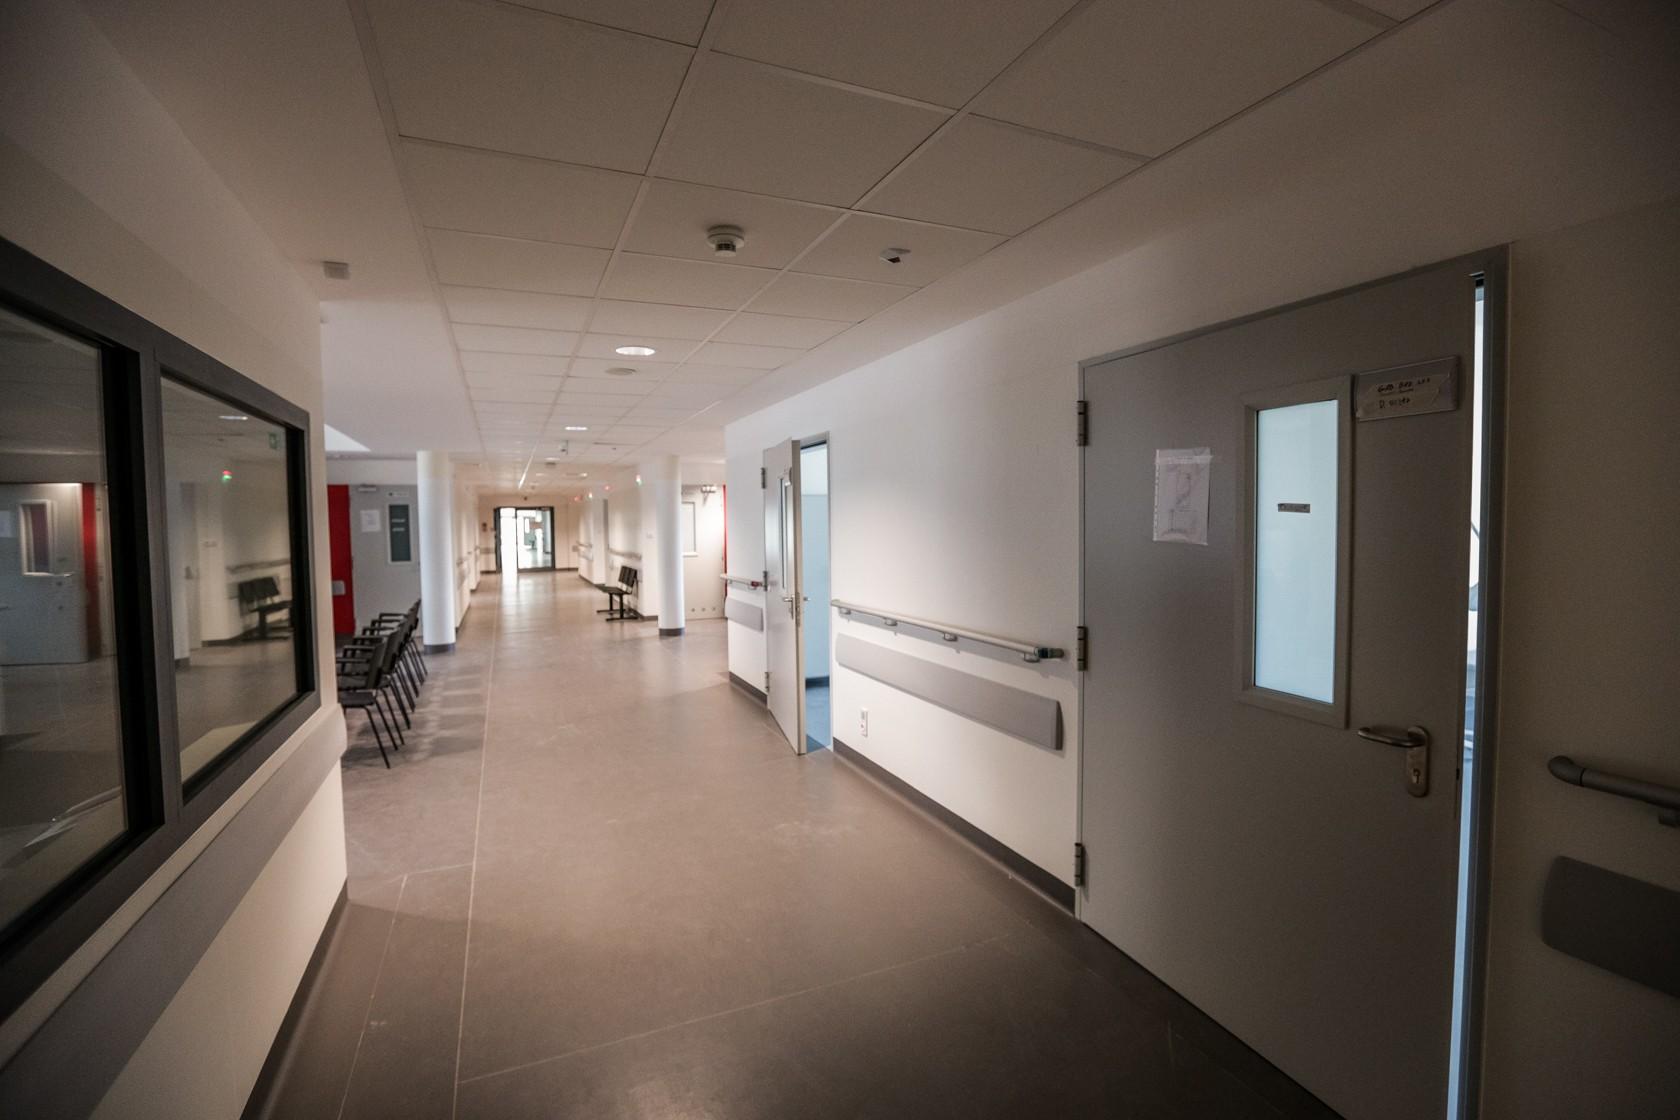 Wnętrze placówki prezentuje poziom europejski (fot. Budimex